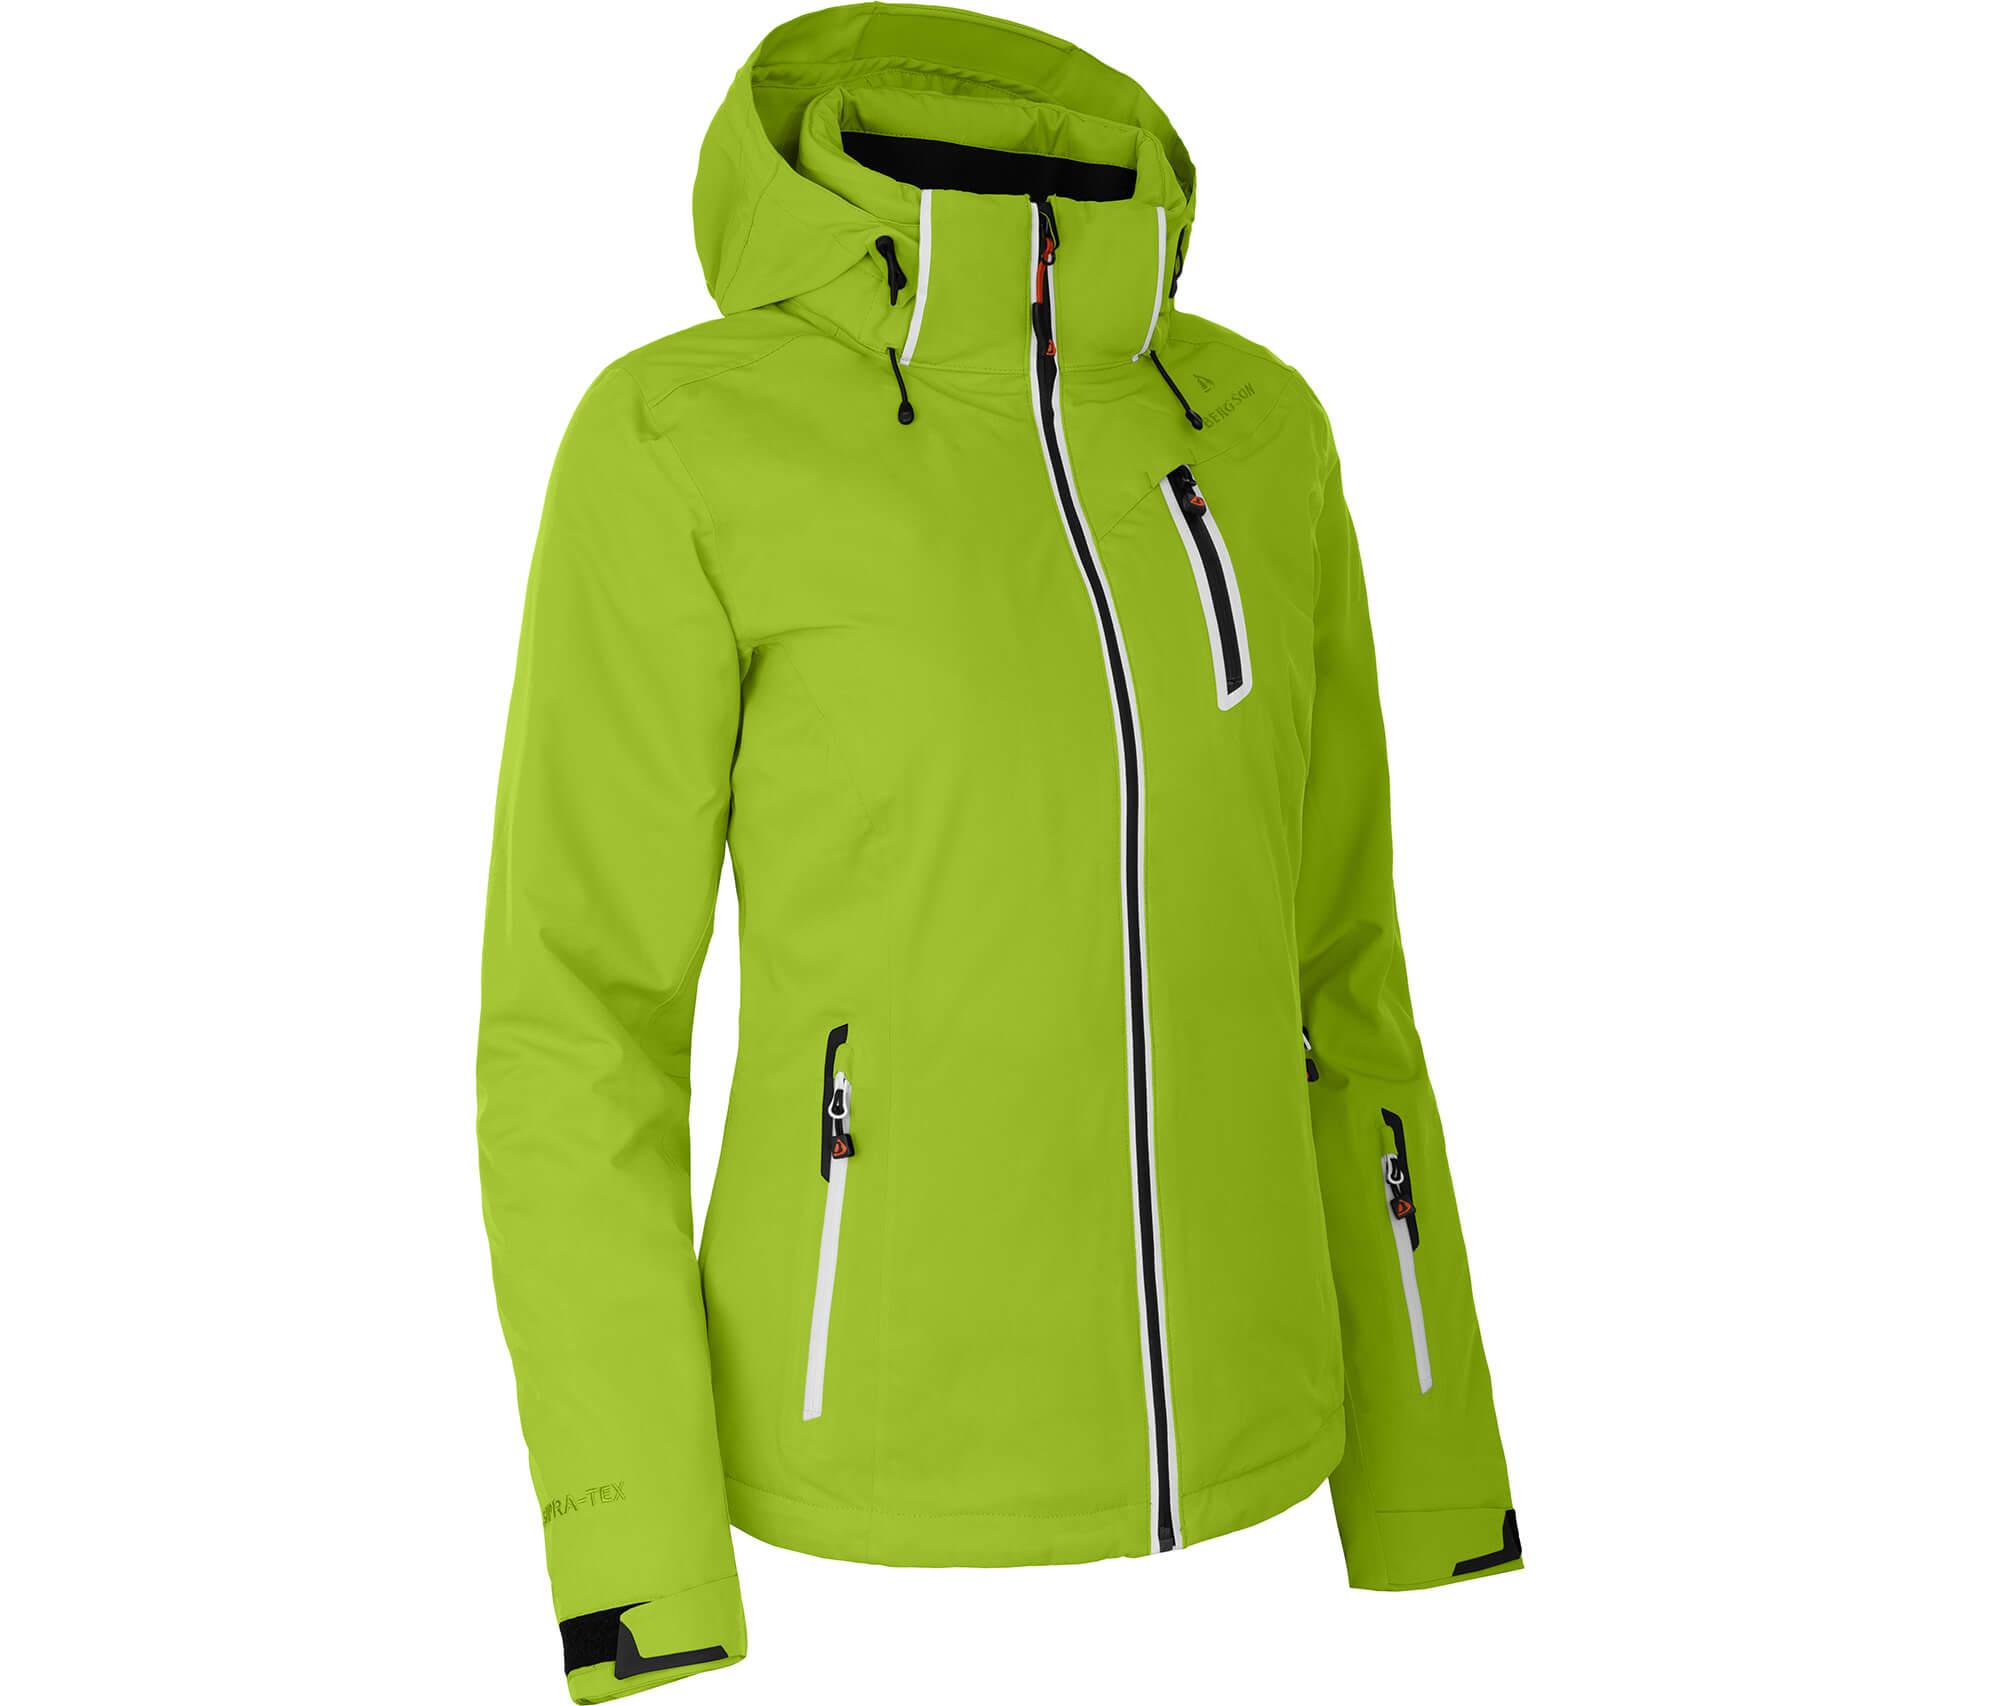 Bergson Damen Skijacke NICE lime grün